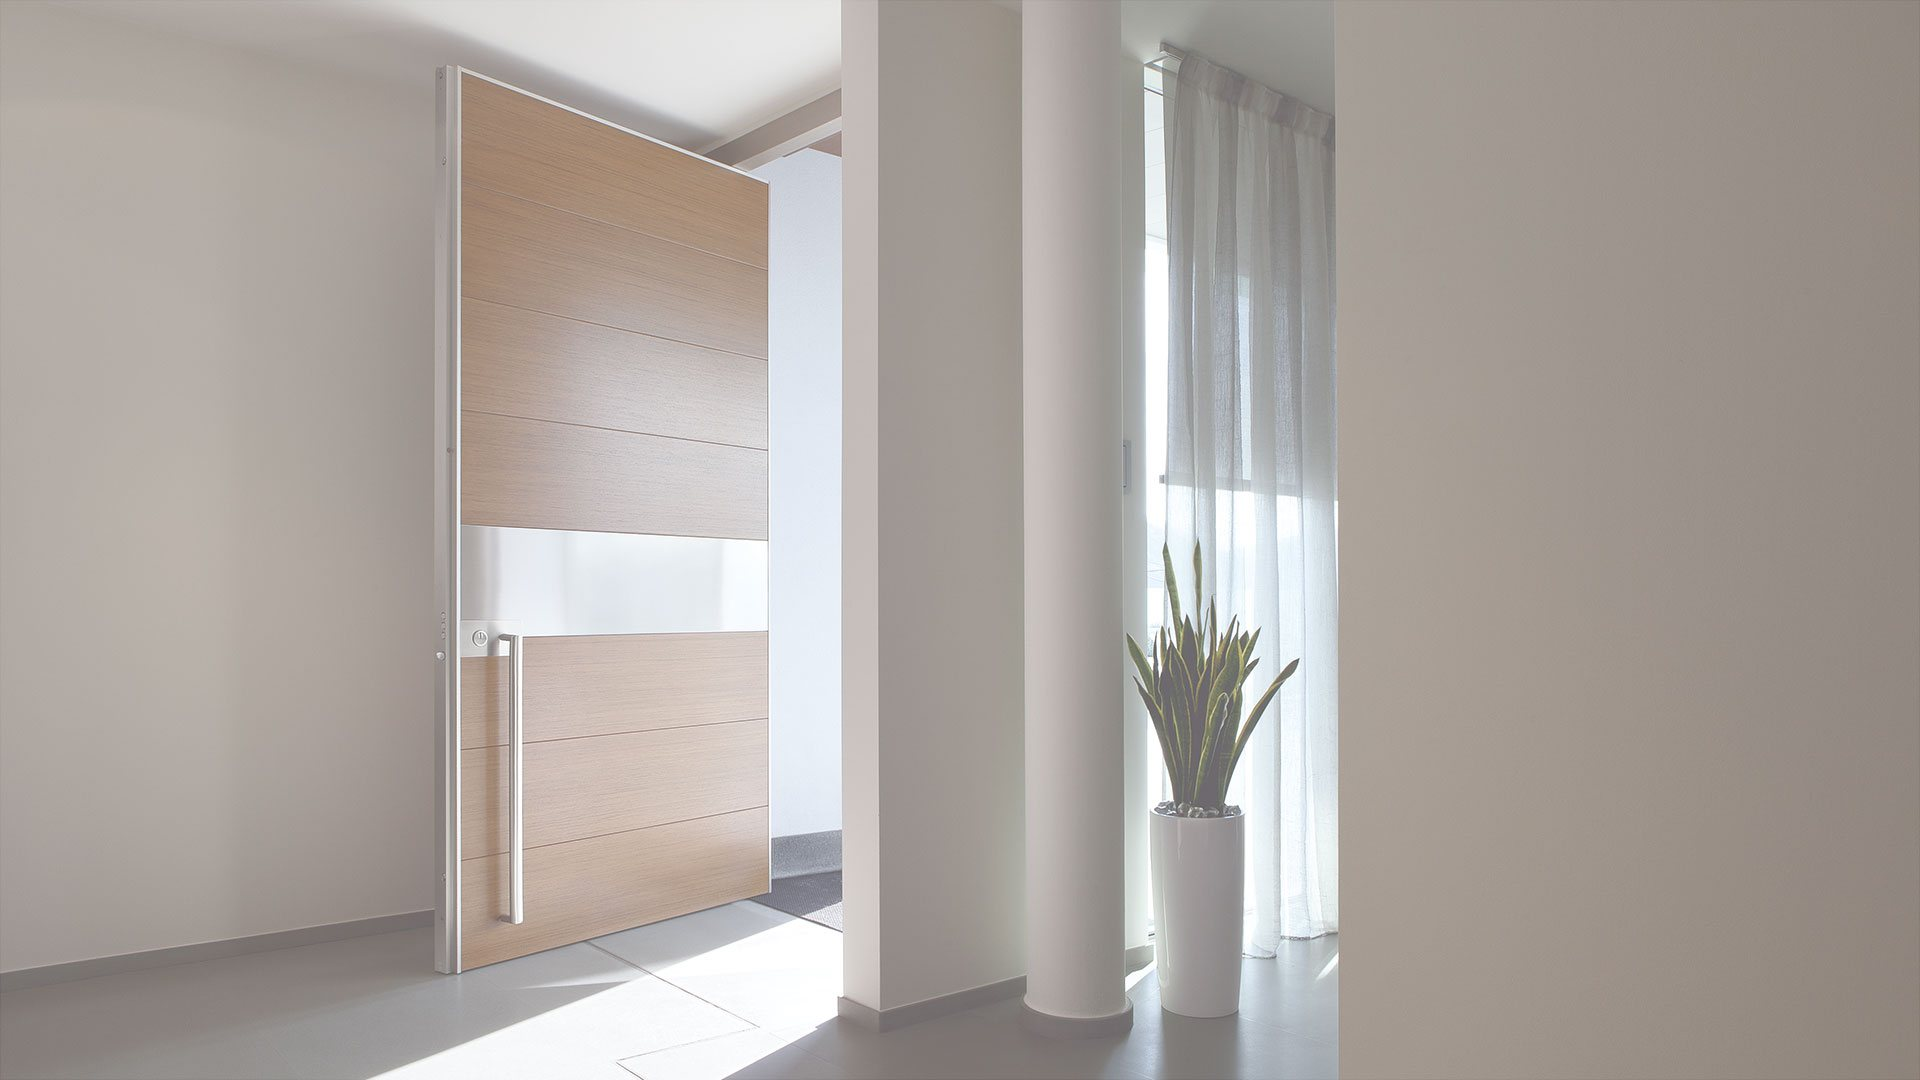 Pobbe serramenti finestre e serramenti alluminio vicenza - Porte e finestre vicenza ...